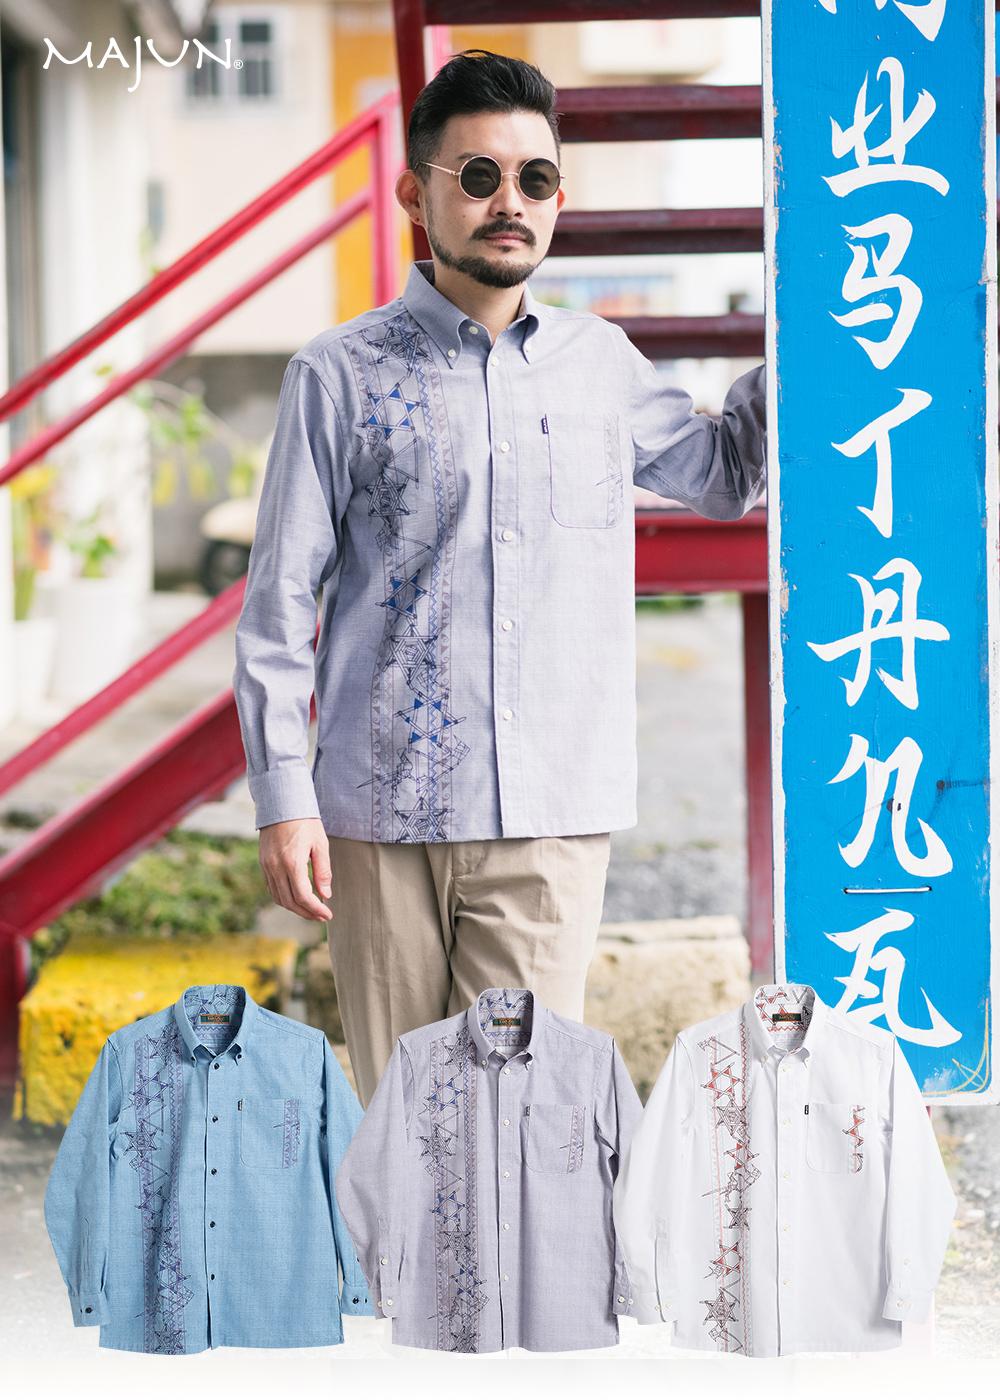 かりゆしウェア(沖縄版アロハシャツ) MAJUN - レトロスピリッツL/S